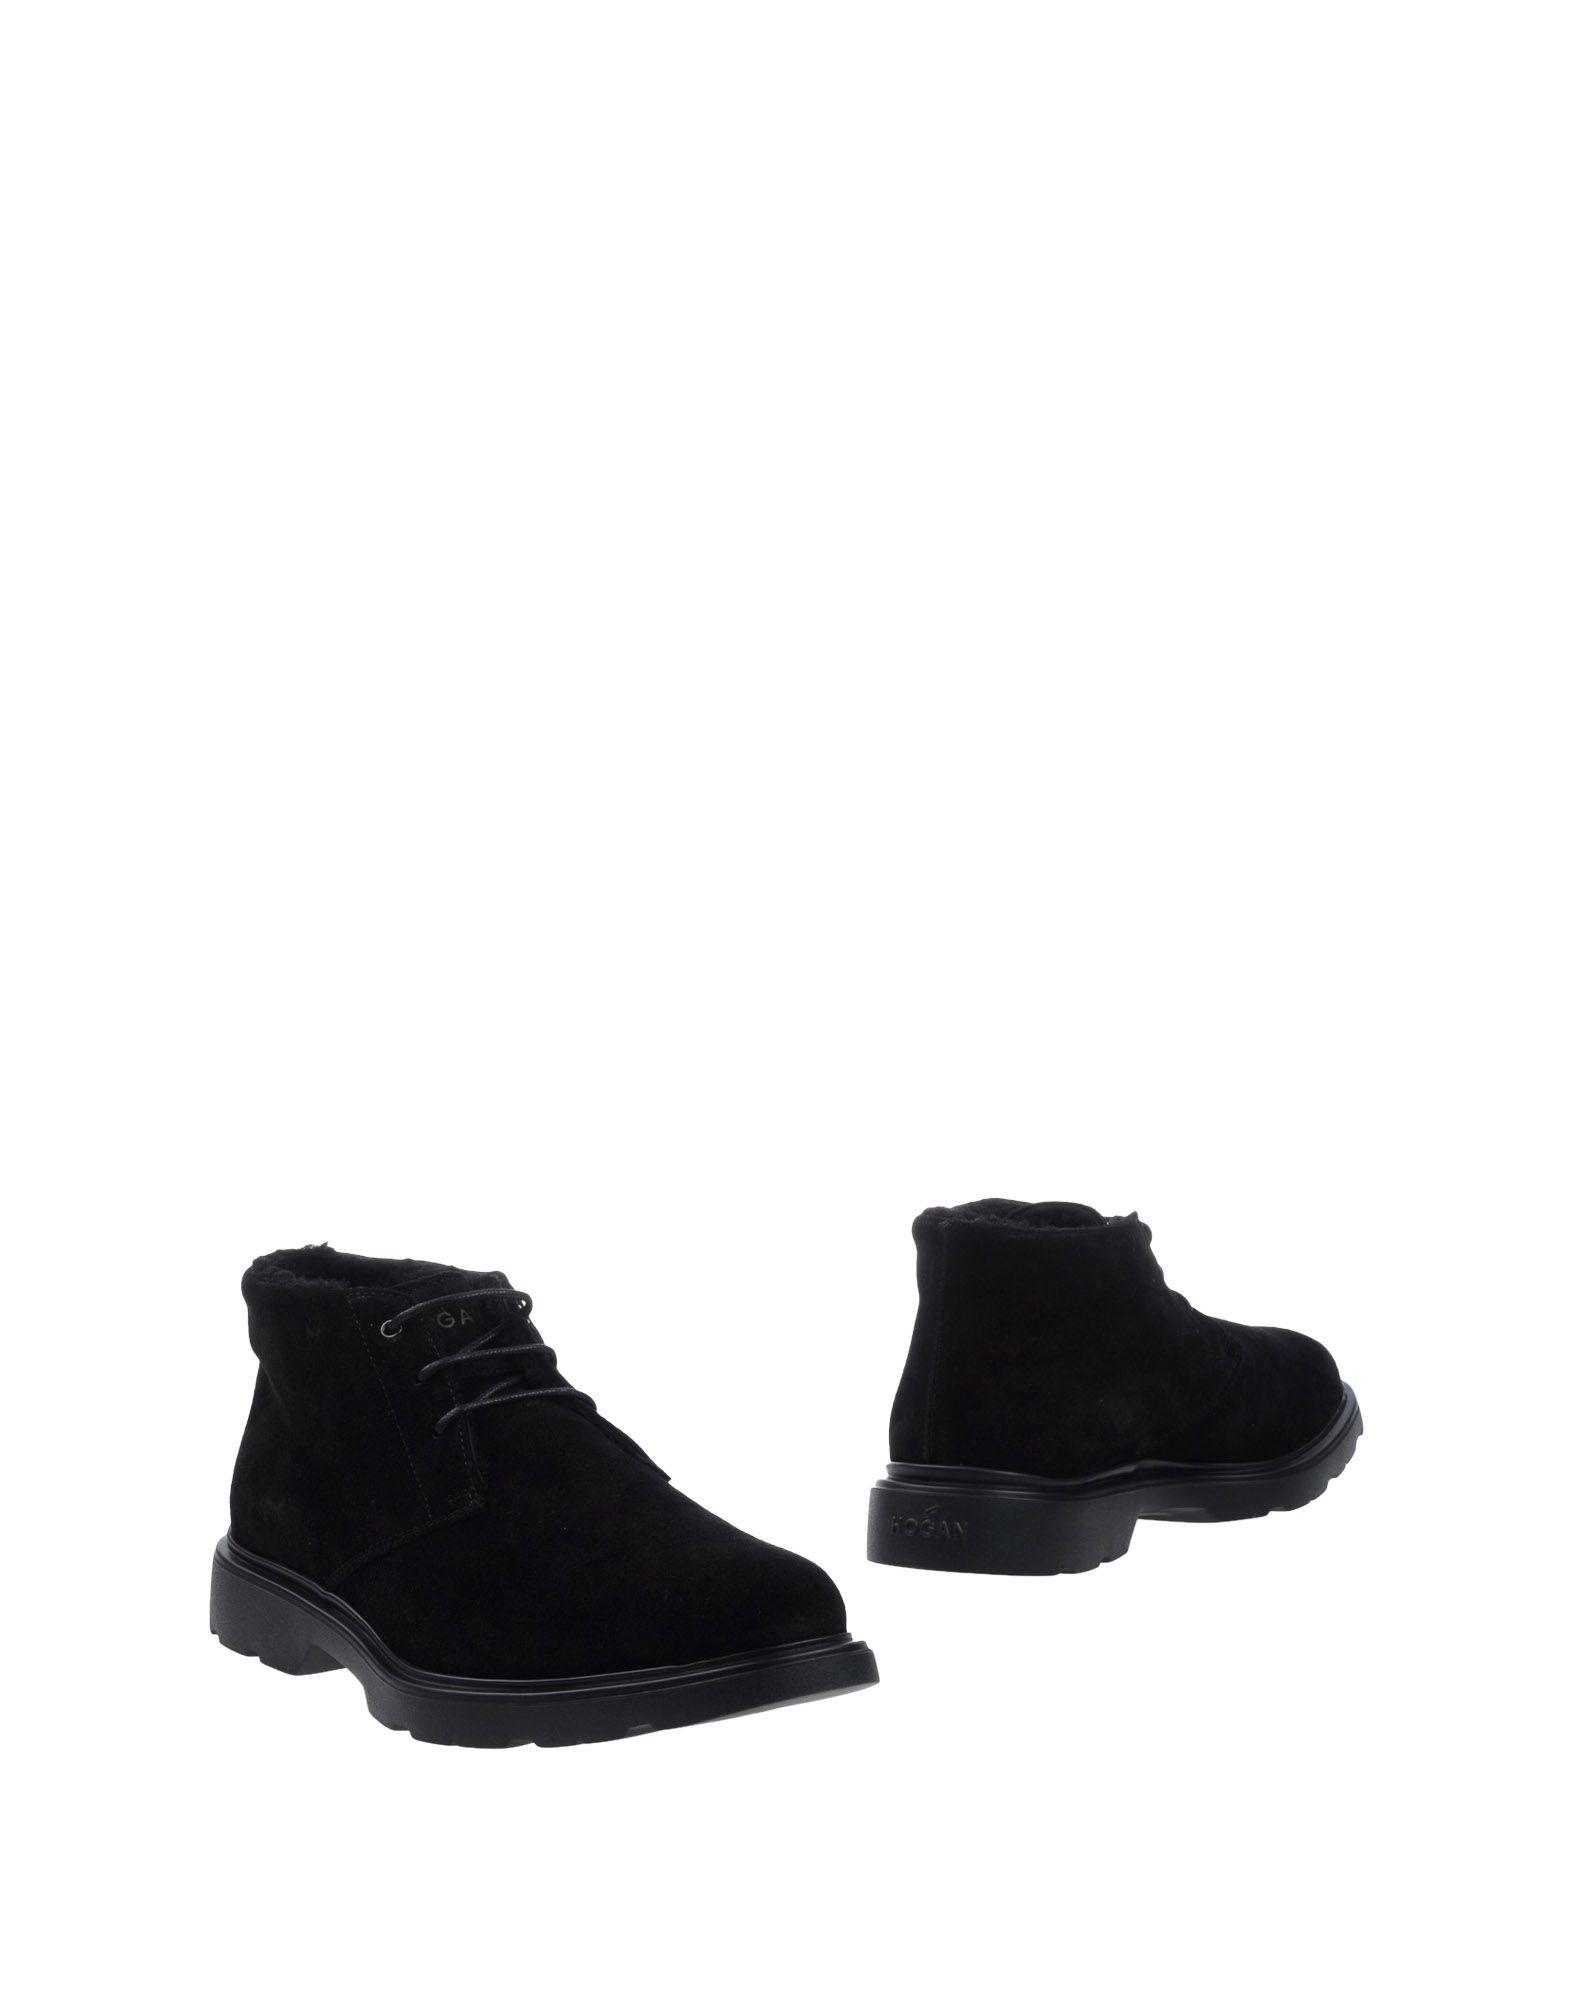 Hogan Stiefelette Herren  11298189PV Gute Qualität beliebte Schuhe